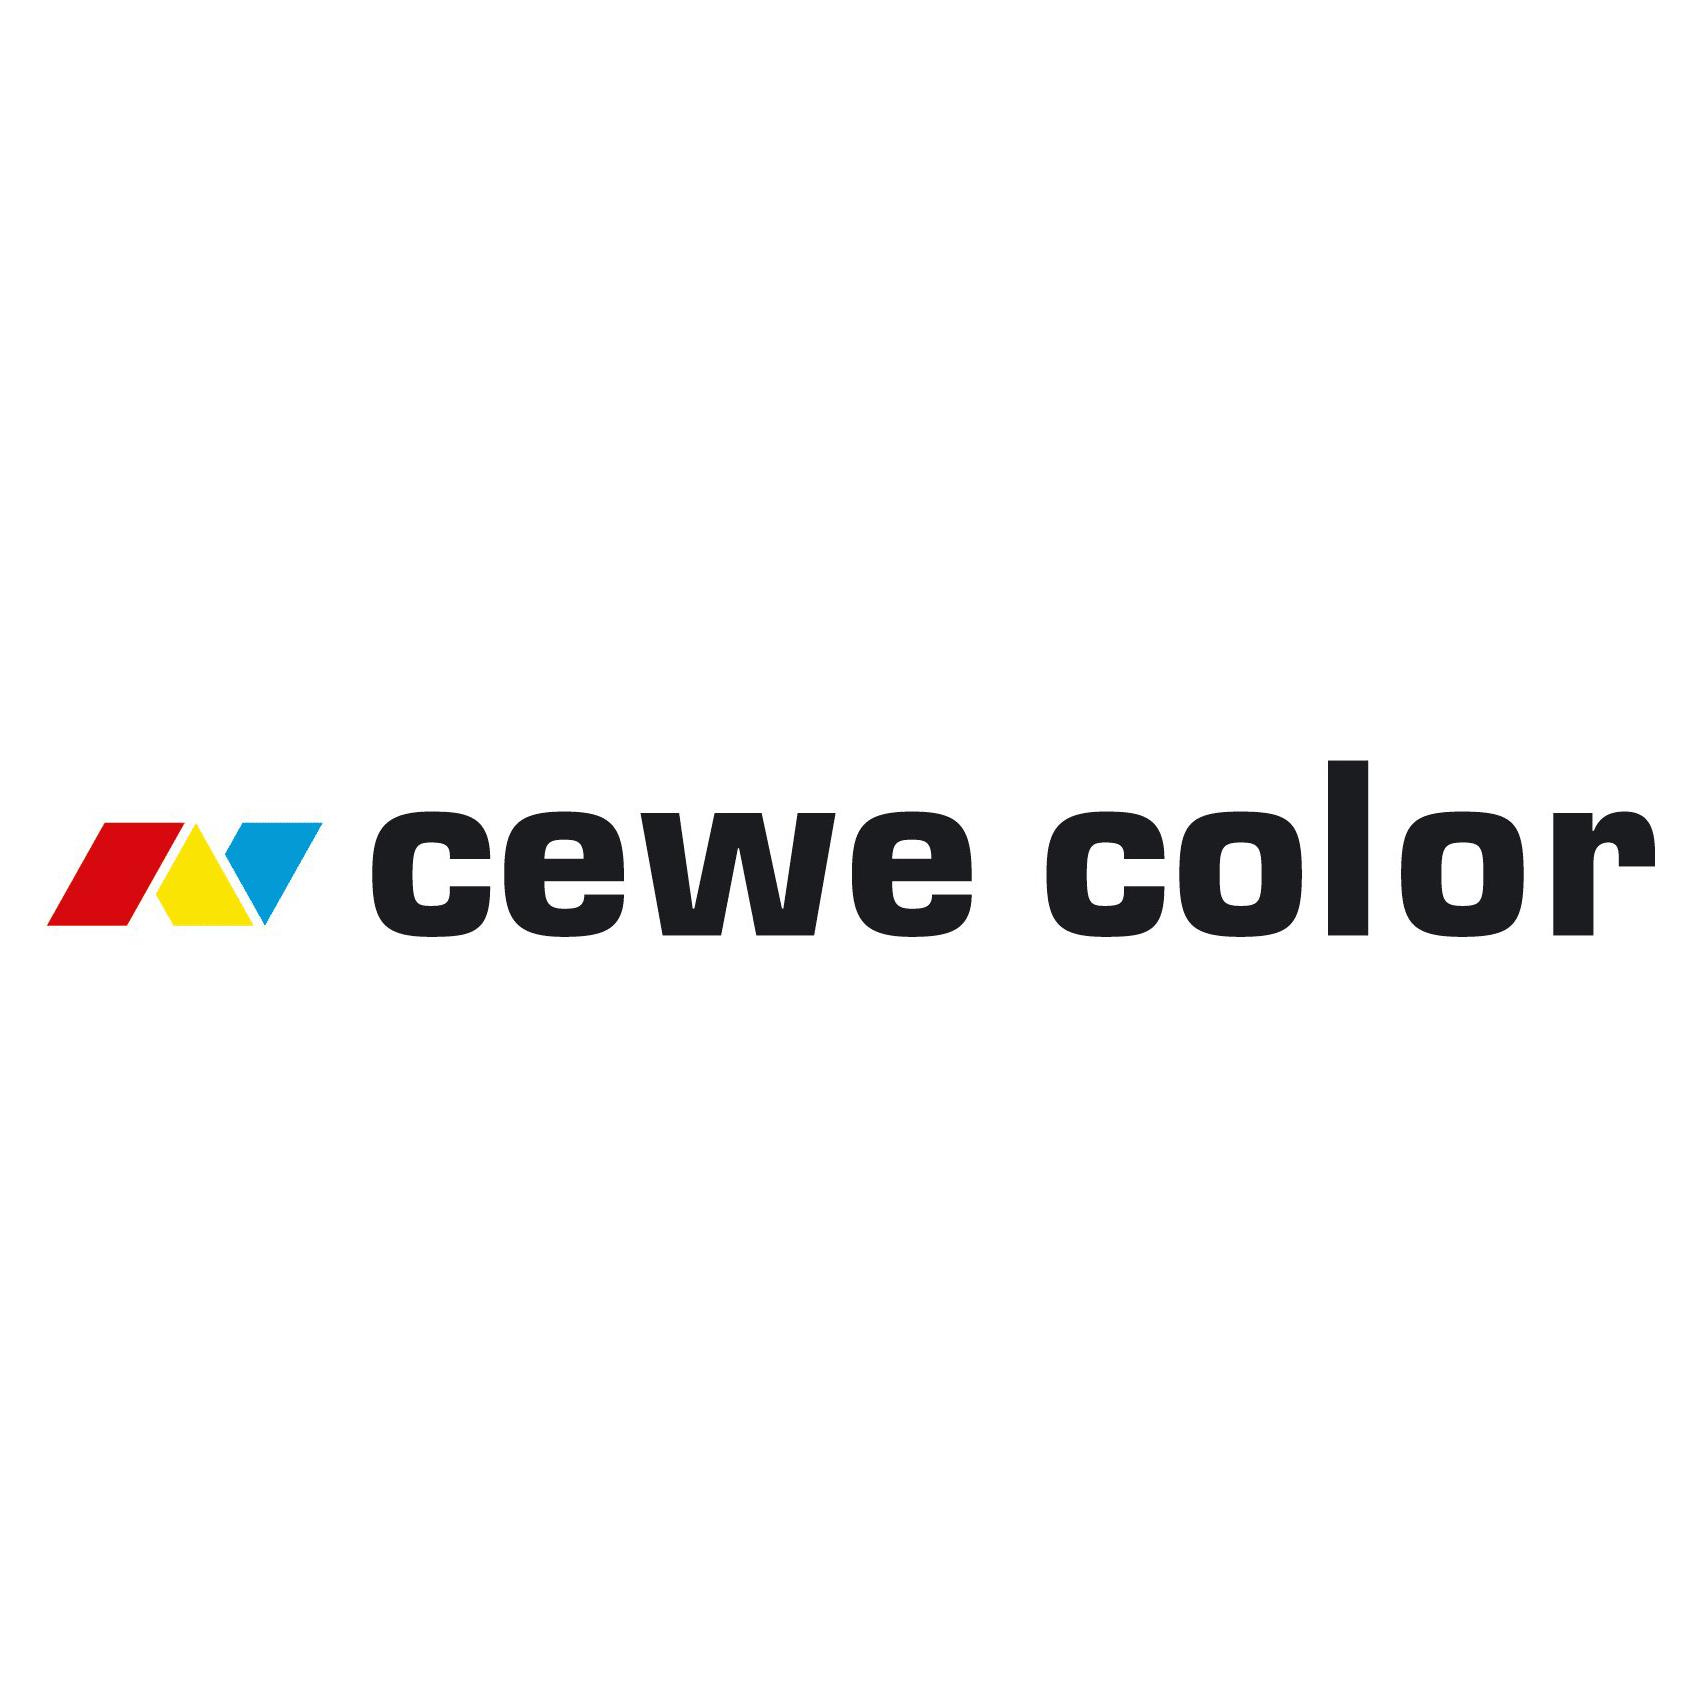 cewe-color-logo